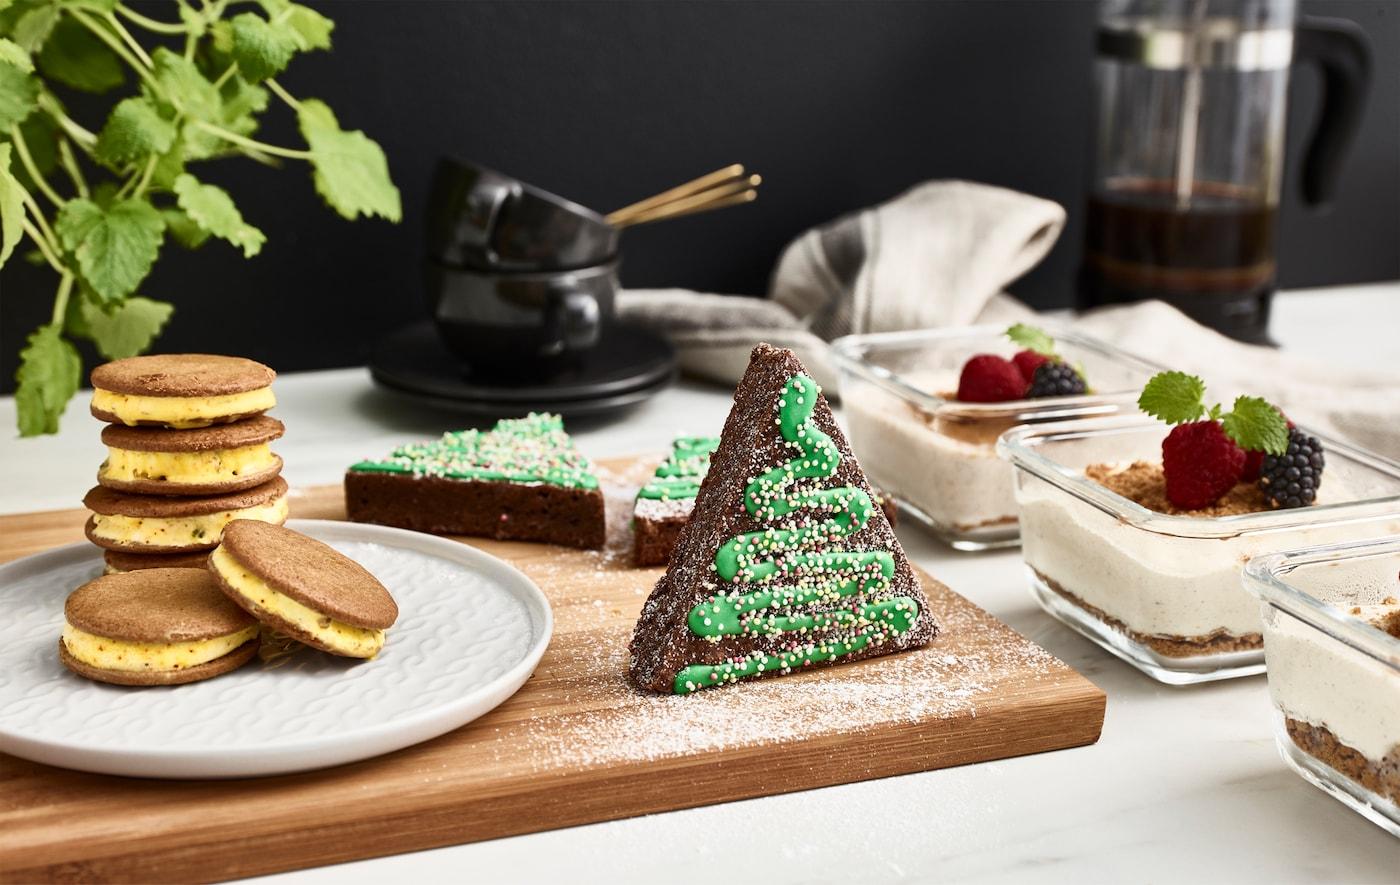 Zaboravi na kuvanje za goste u poslednji minut. Pripremi se za ovu prazničnu sezonu, uz nekoliko spremljenih, zamrznutih deserata koje ćeš vaditi po potrebi.